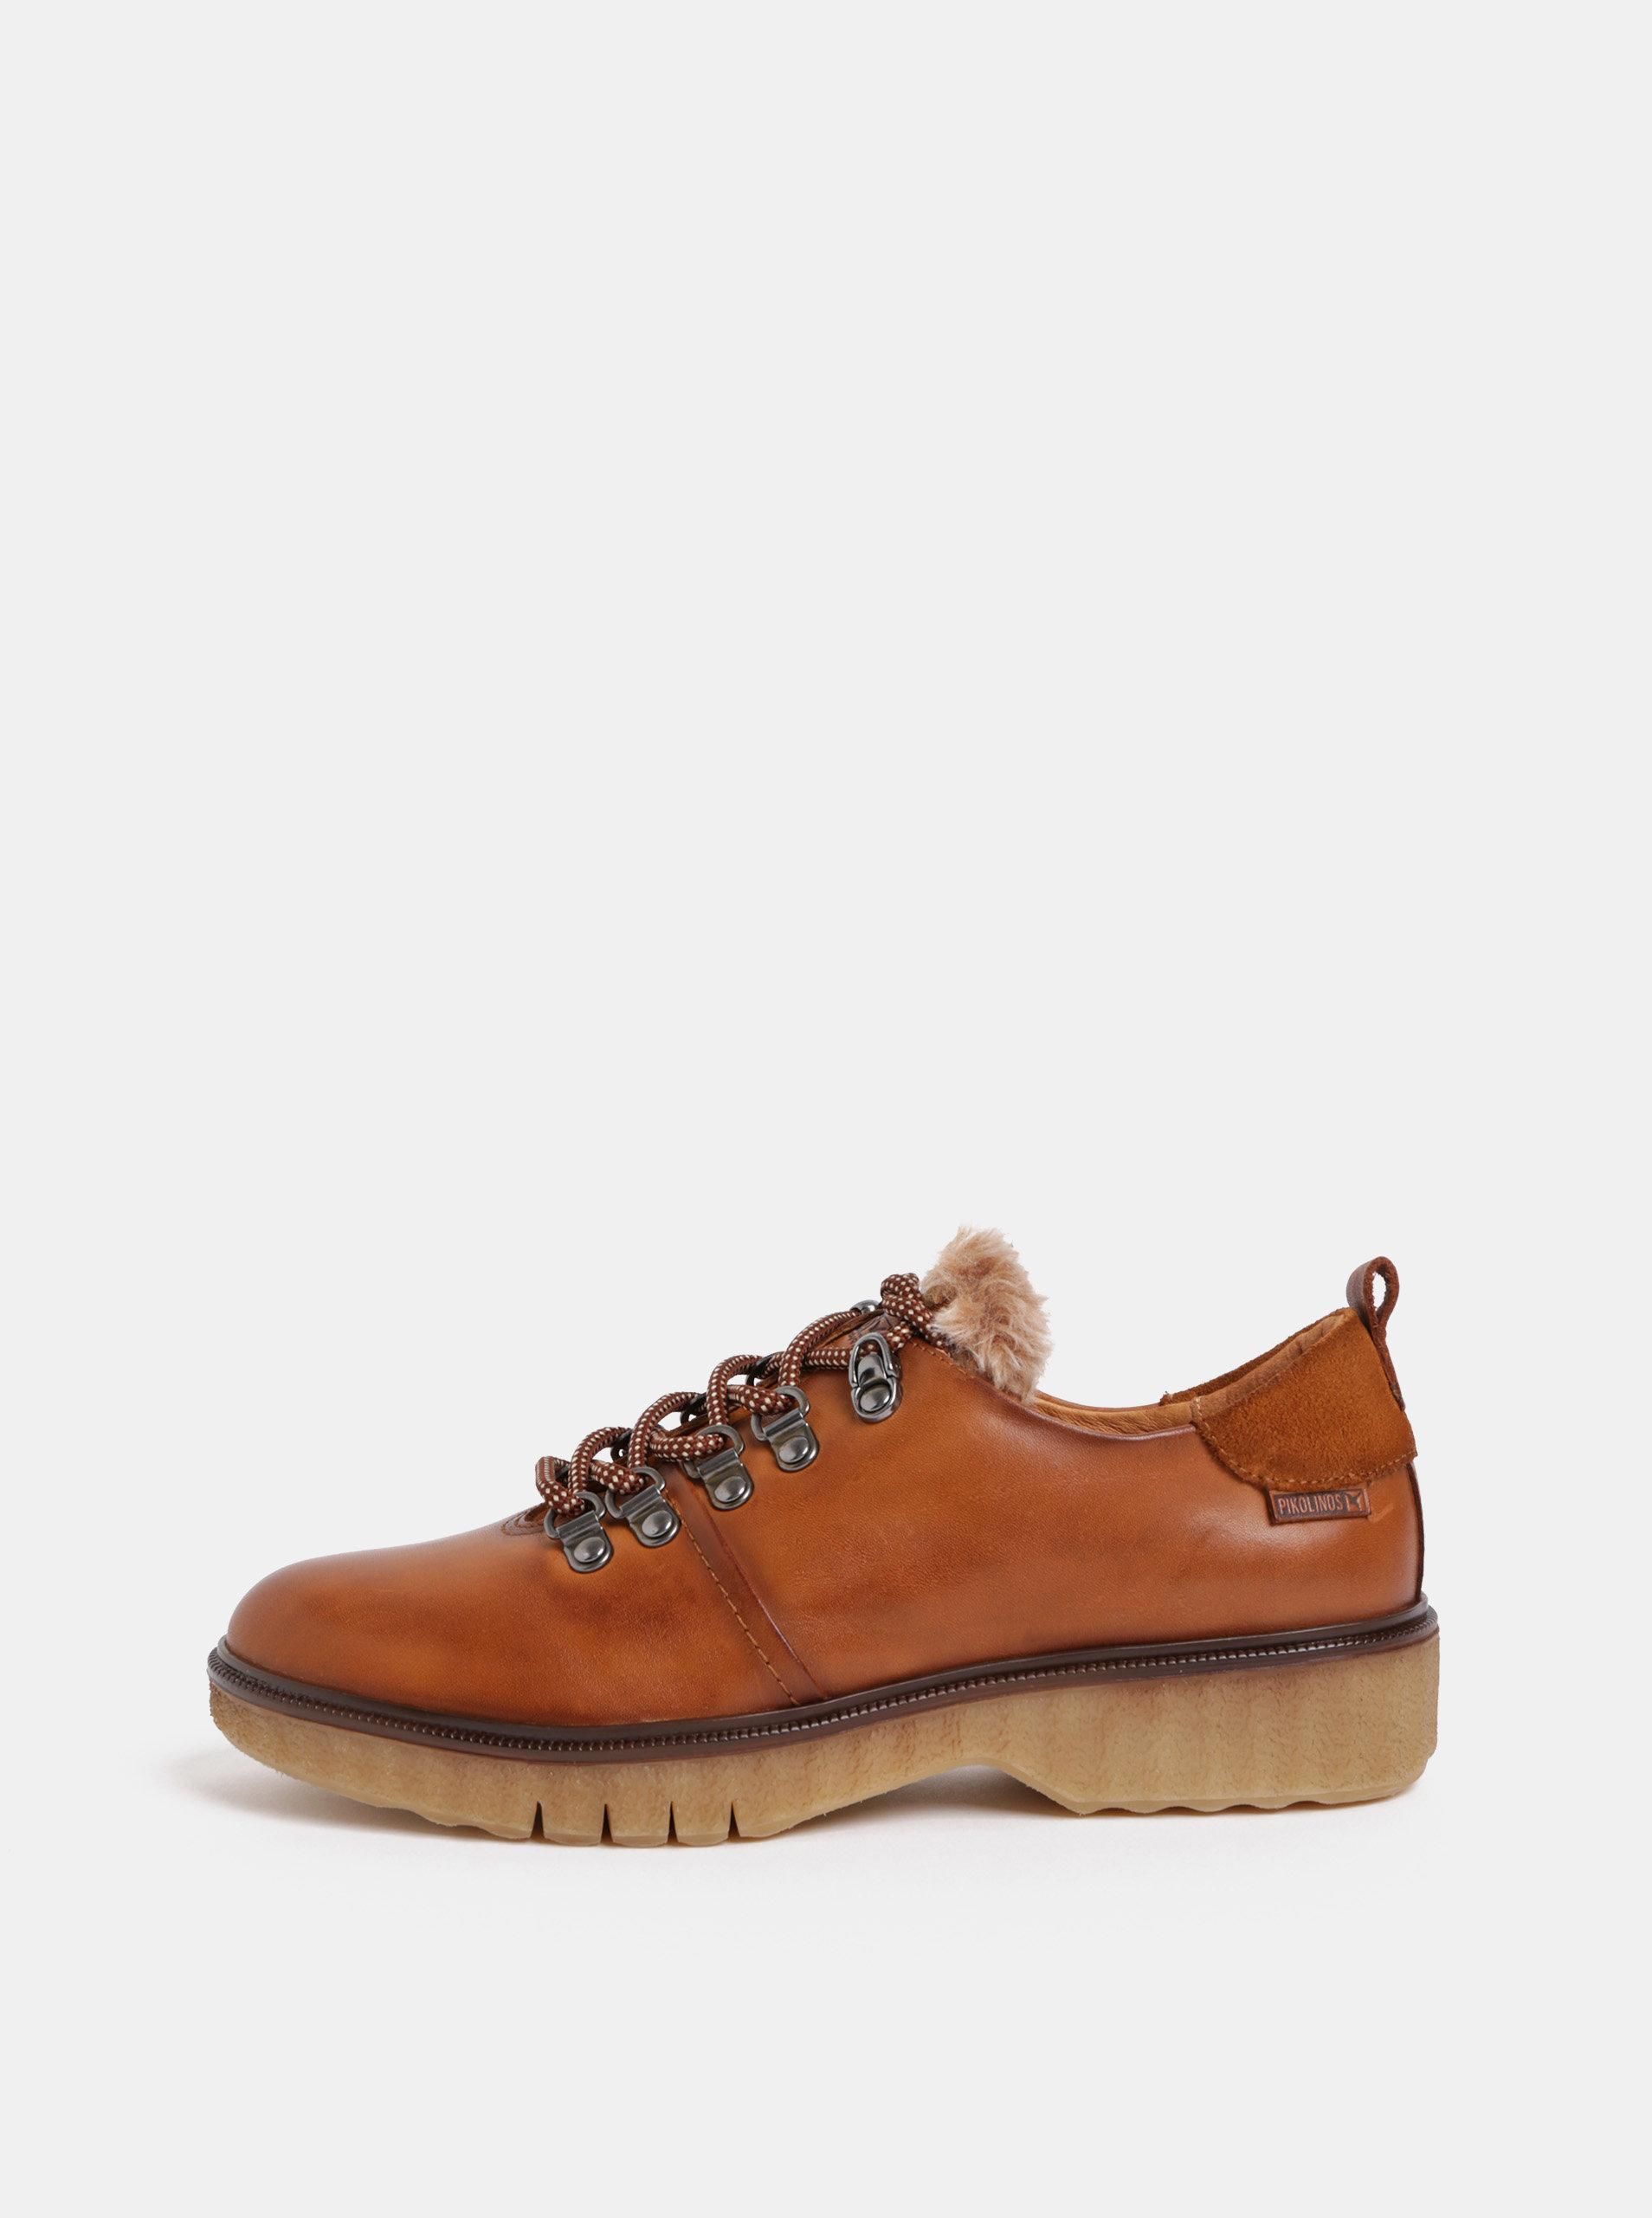 Hnědé kožené  boty s umělým kožíškem Pikolinos Brandy